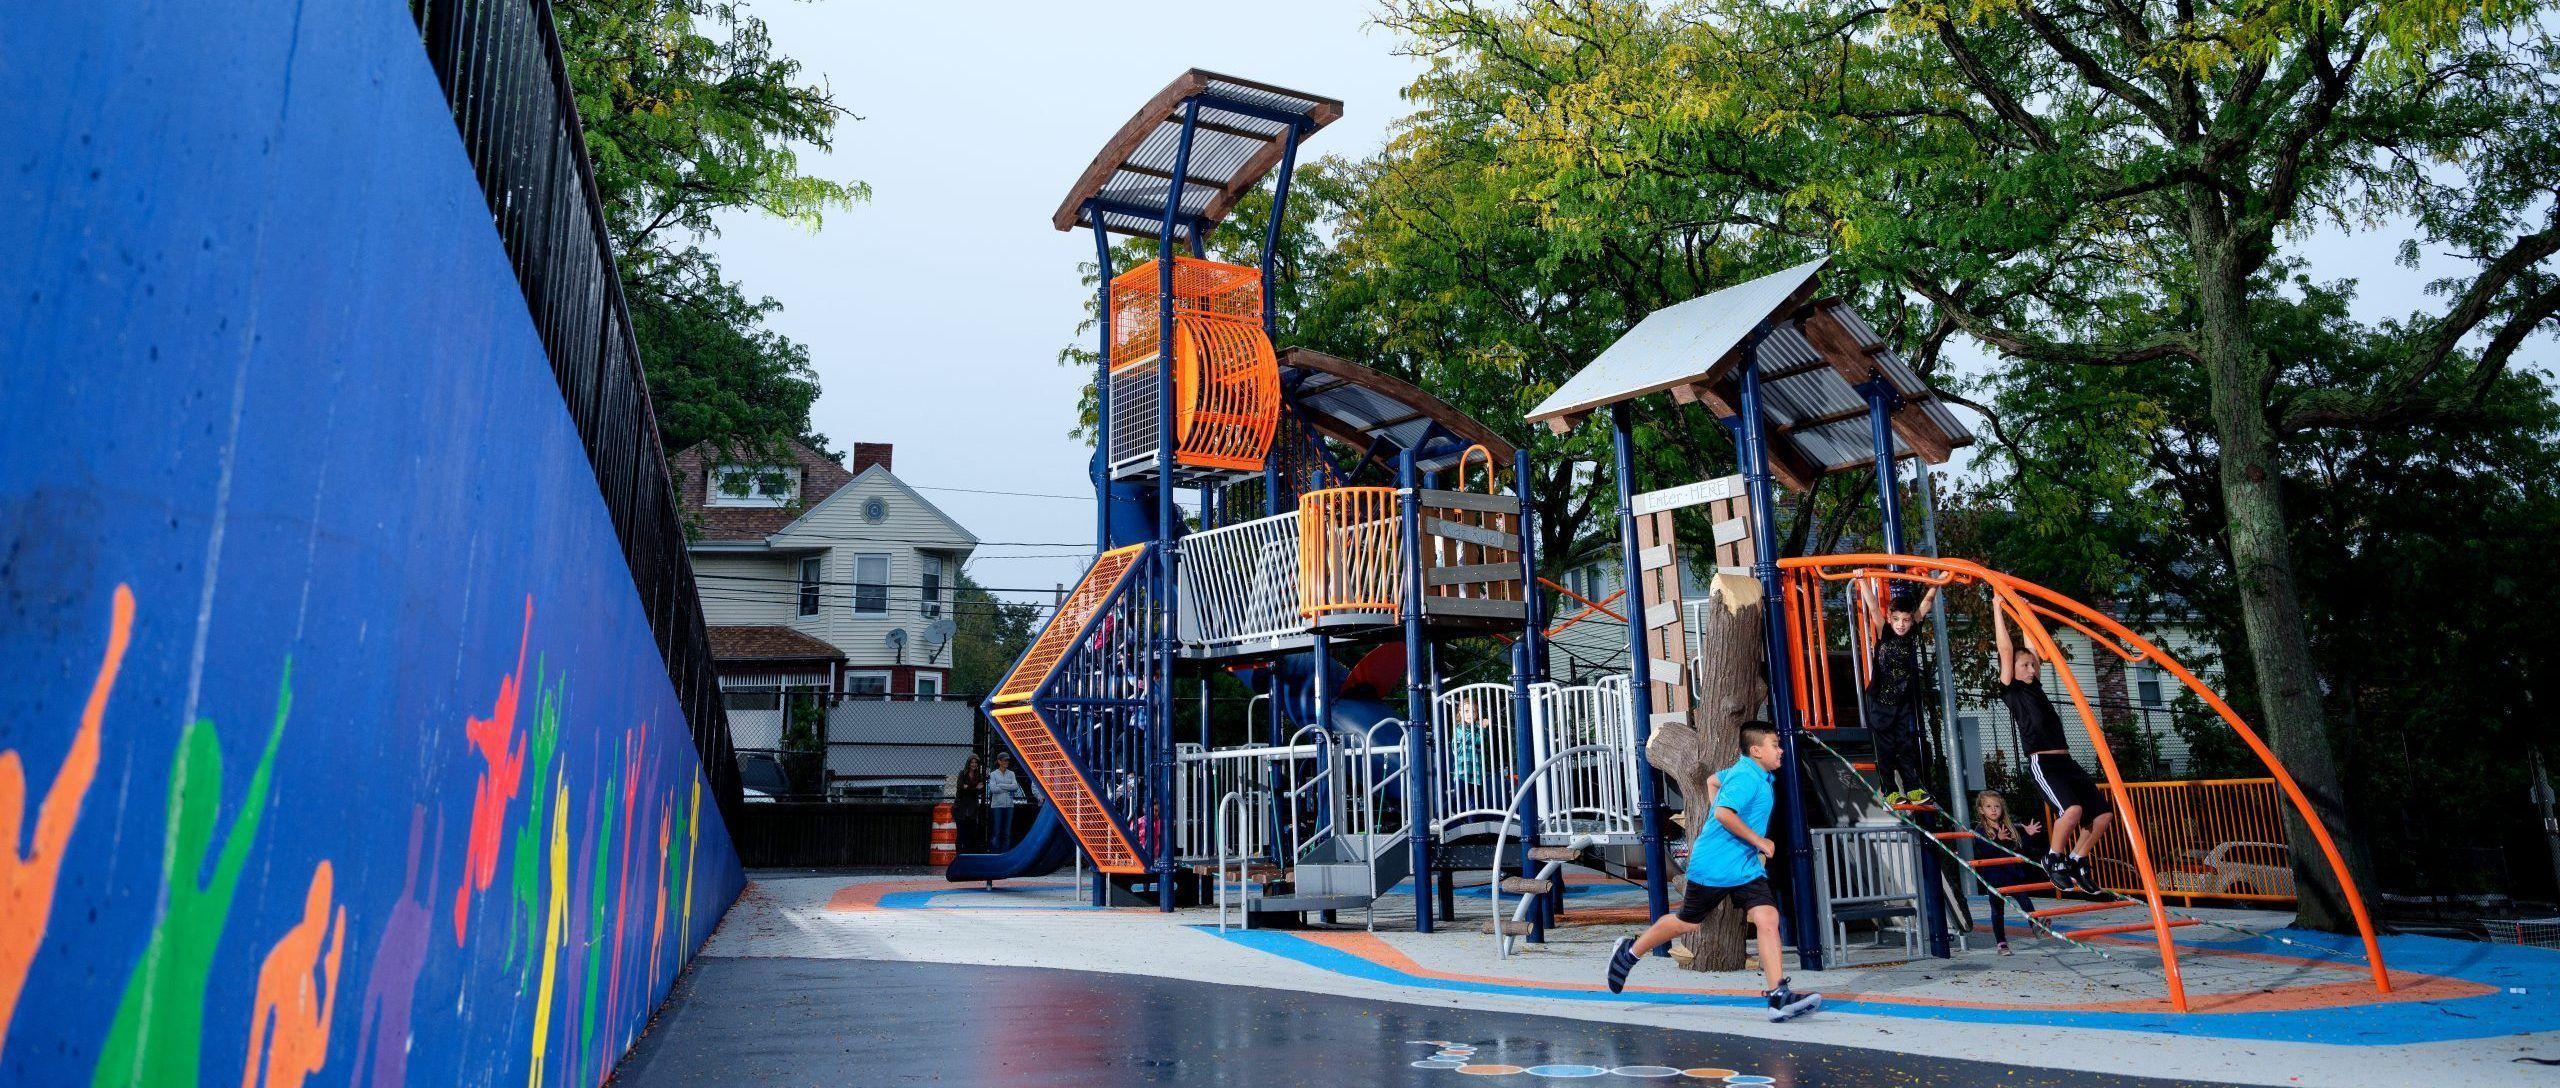 Nu-edge playground equipment